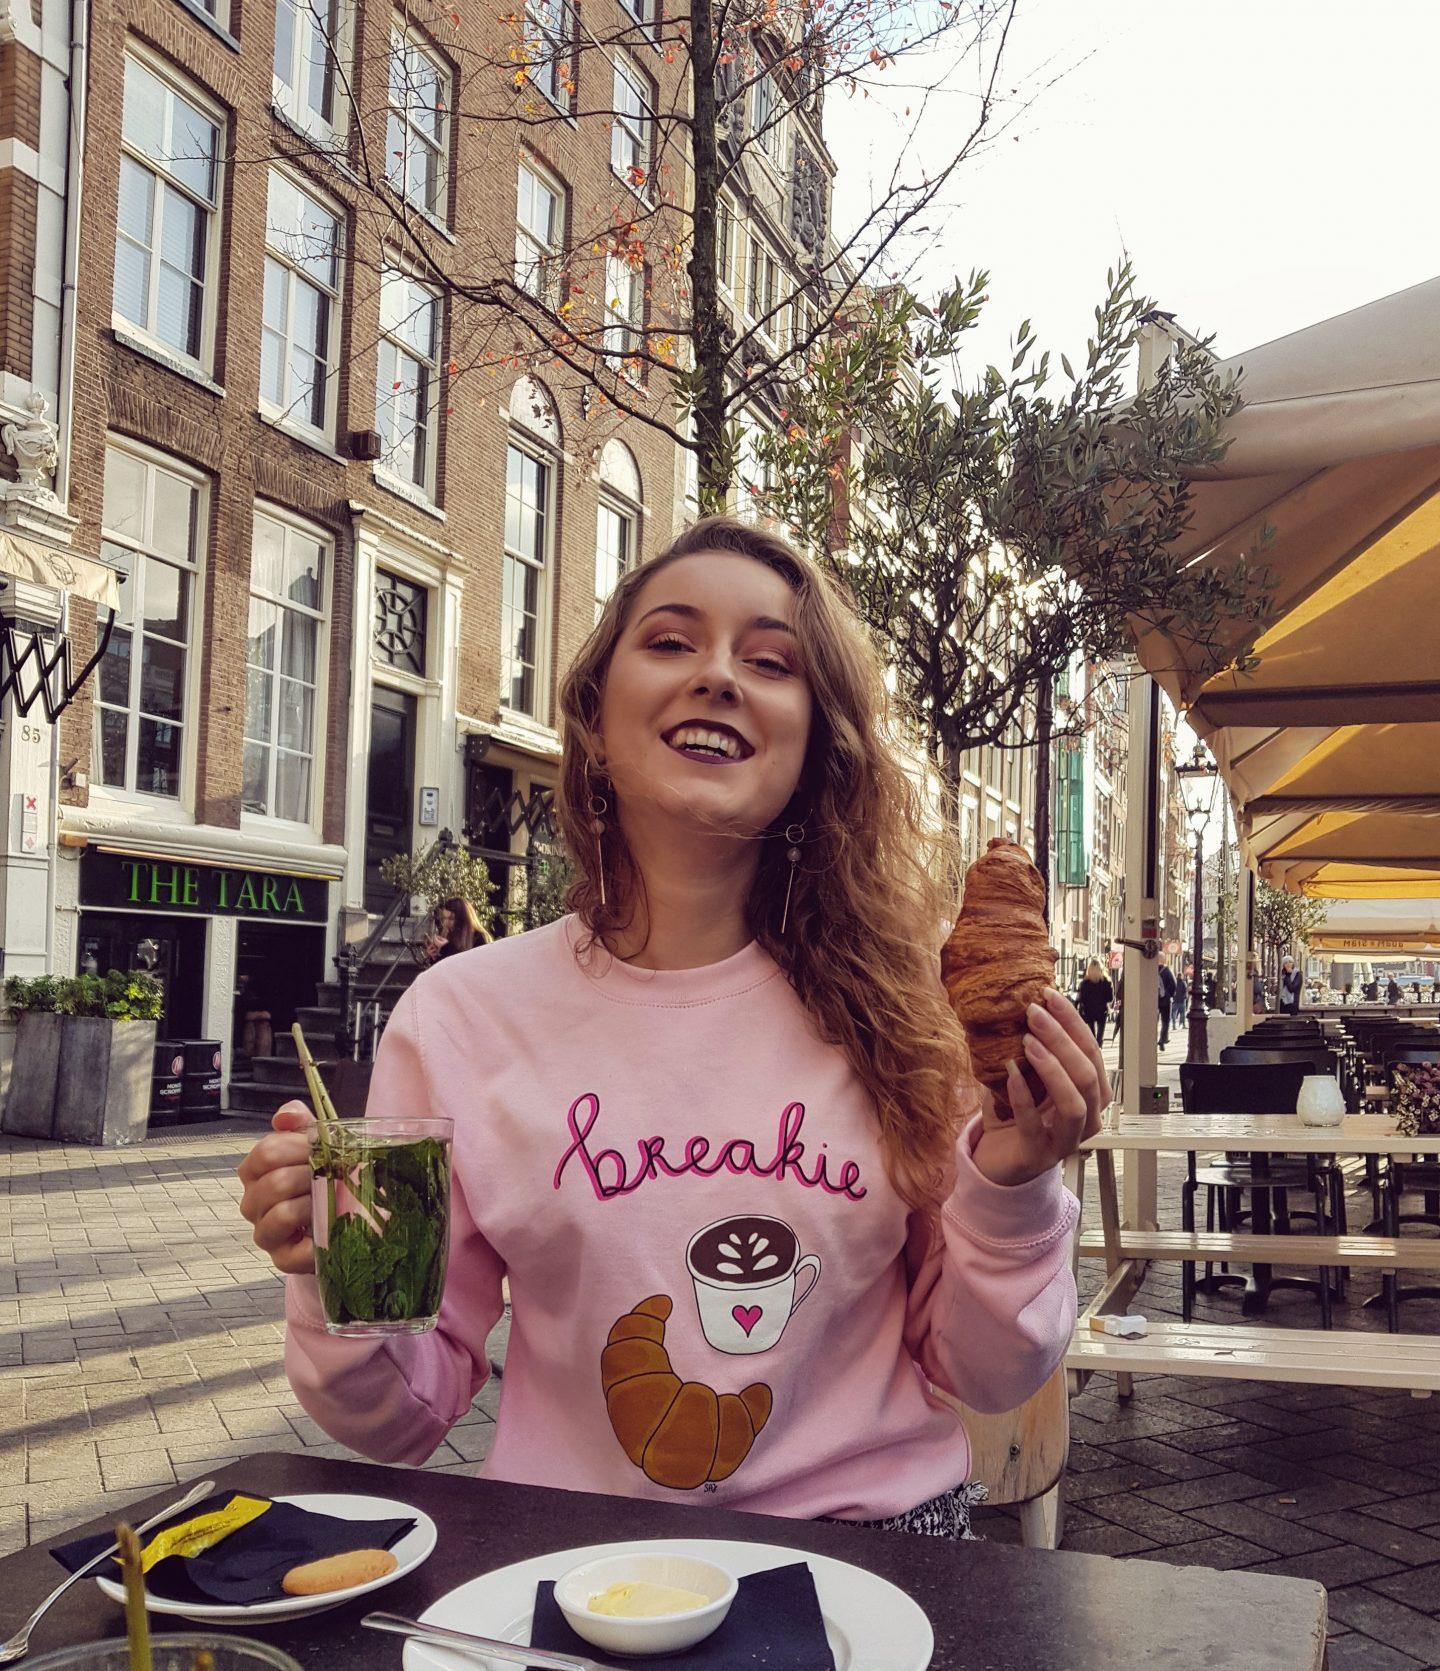 Webshop update | De Breakie sweaters zijn nu verkrijgbaar!